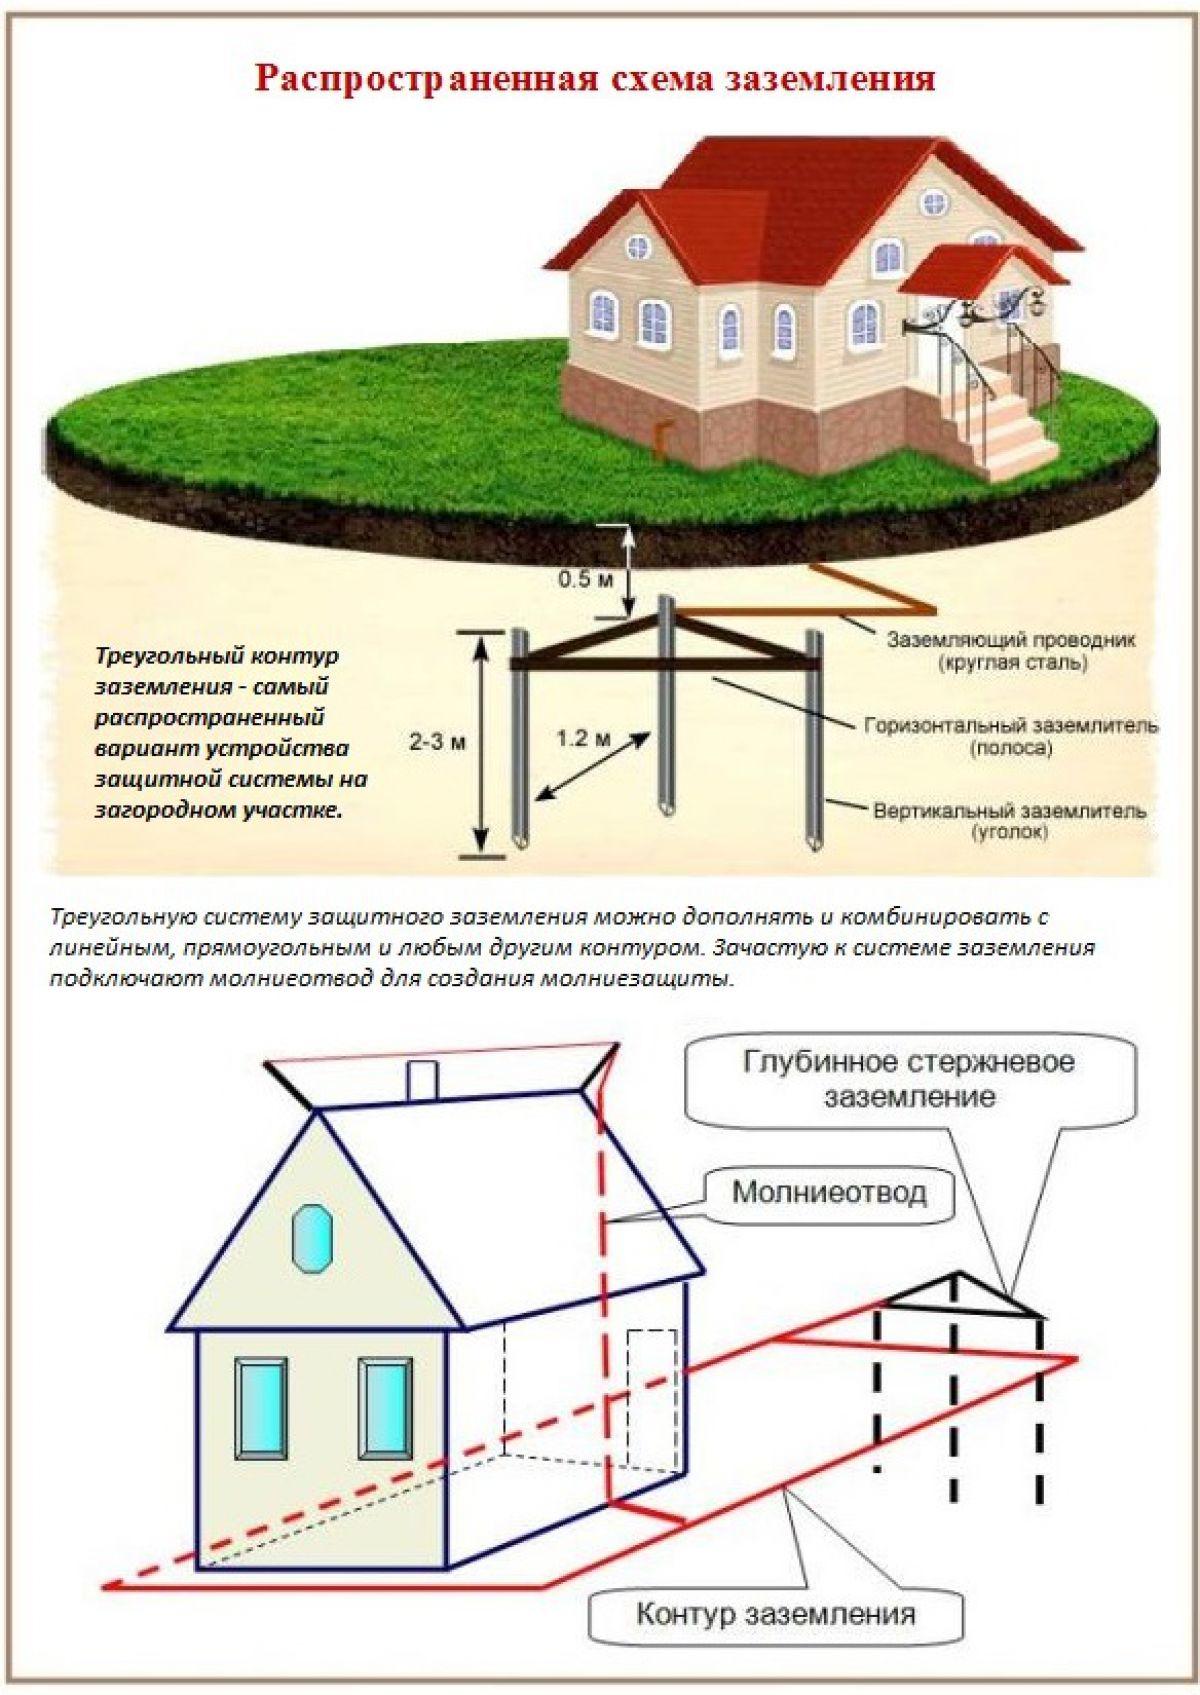 Пуэ-7 п.1.7.49-1.7.66  заземление и защитные меры электробезопасности общие требования